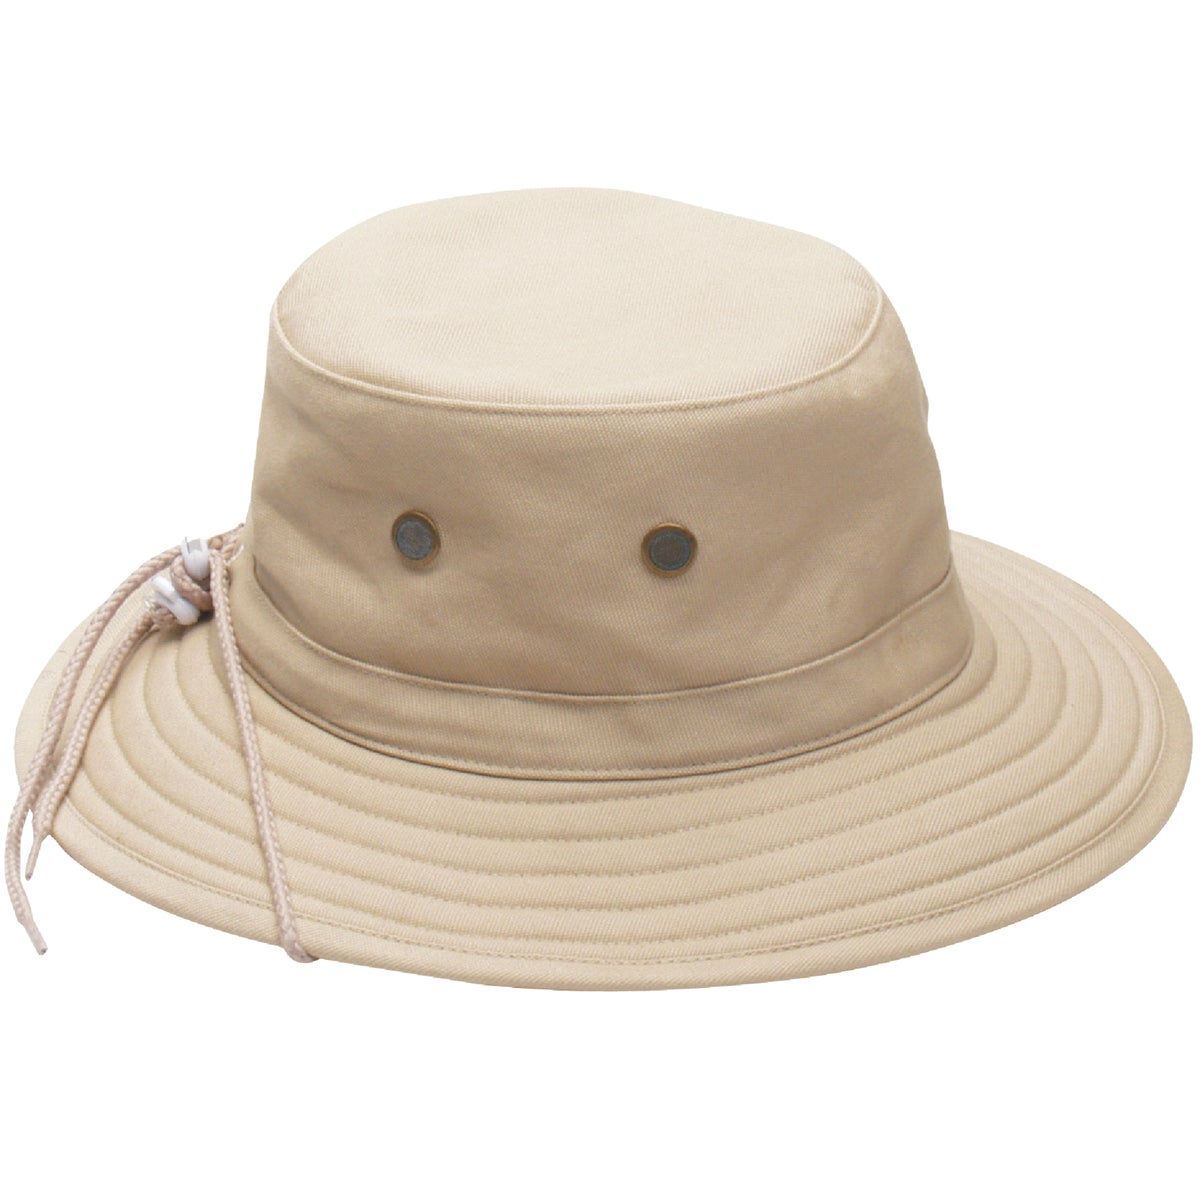 Principle Plastics WMNS STONE COTTON HAT 4471ST